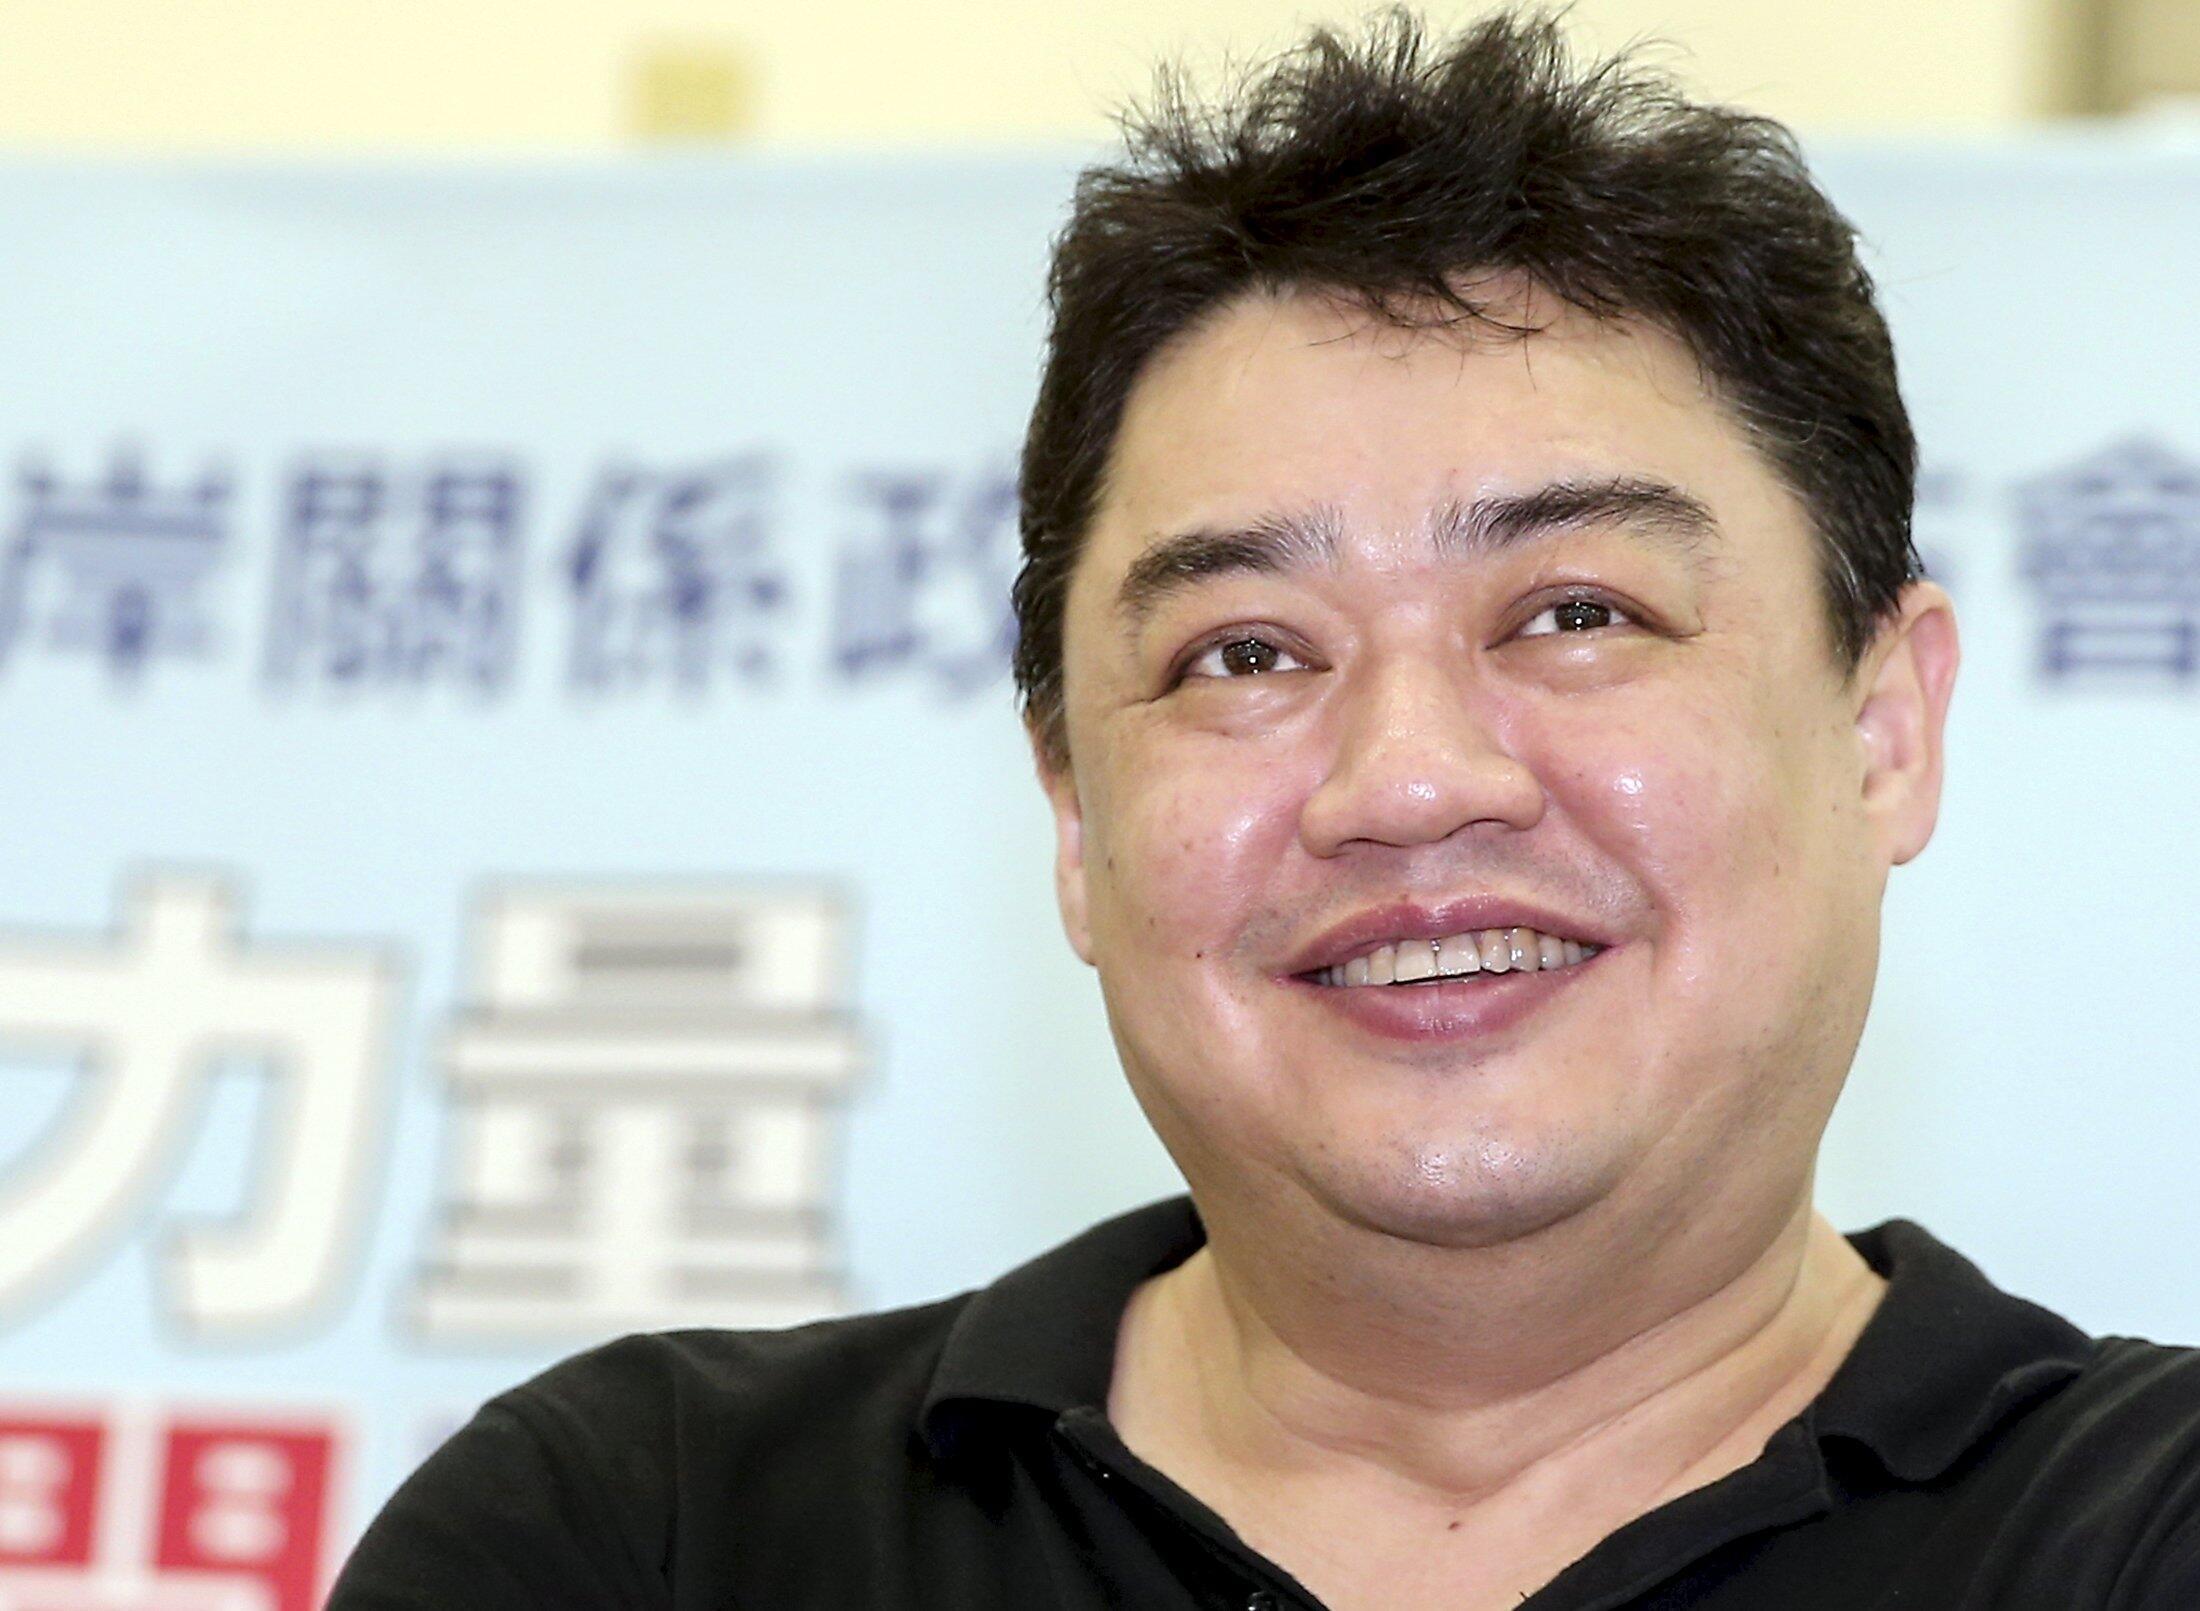 Cựu lãnh đạo sinh viên Ngô Nhĩ Khai Hy tại một hội thảo tại Đài Chung, Đài Loan, ngày 24/06/2015.